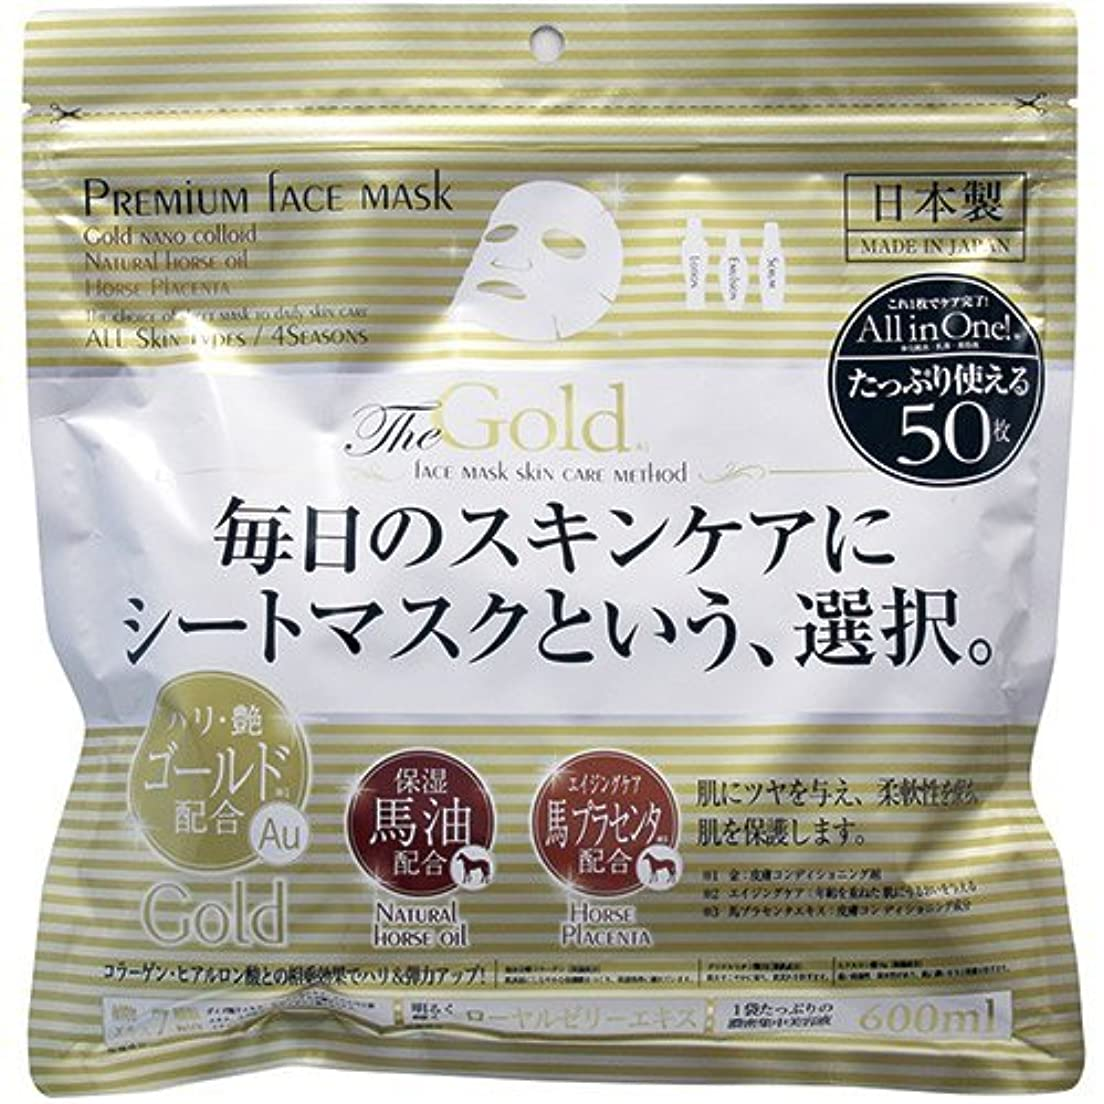 スキャンダル拘束する急いで【進製作所】プレミアムフェイスマスク ゴールド 50枚 ×5個セット